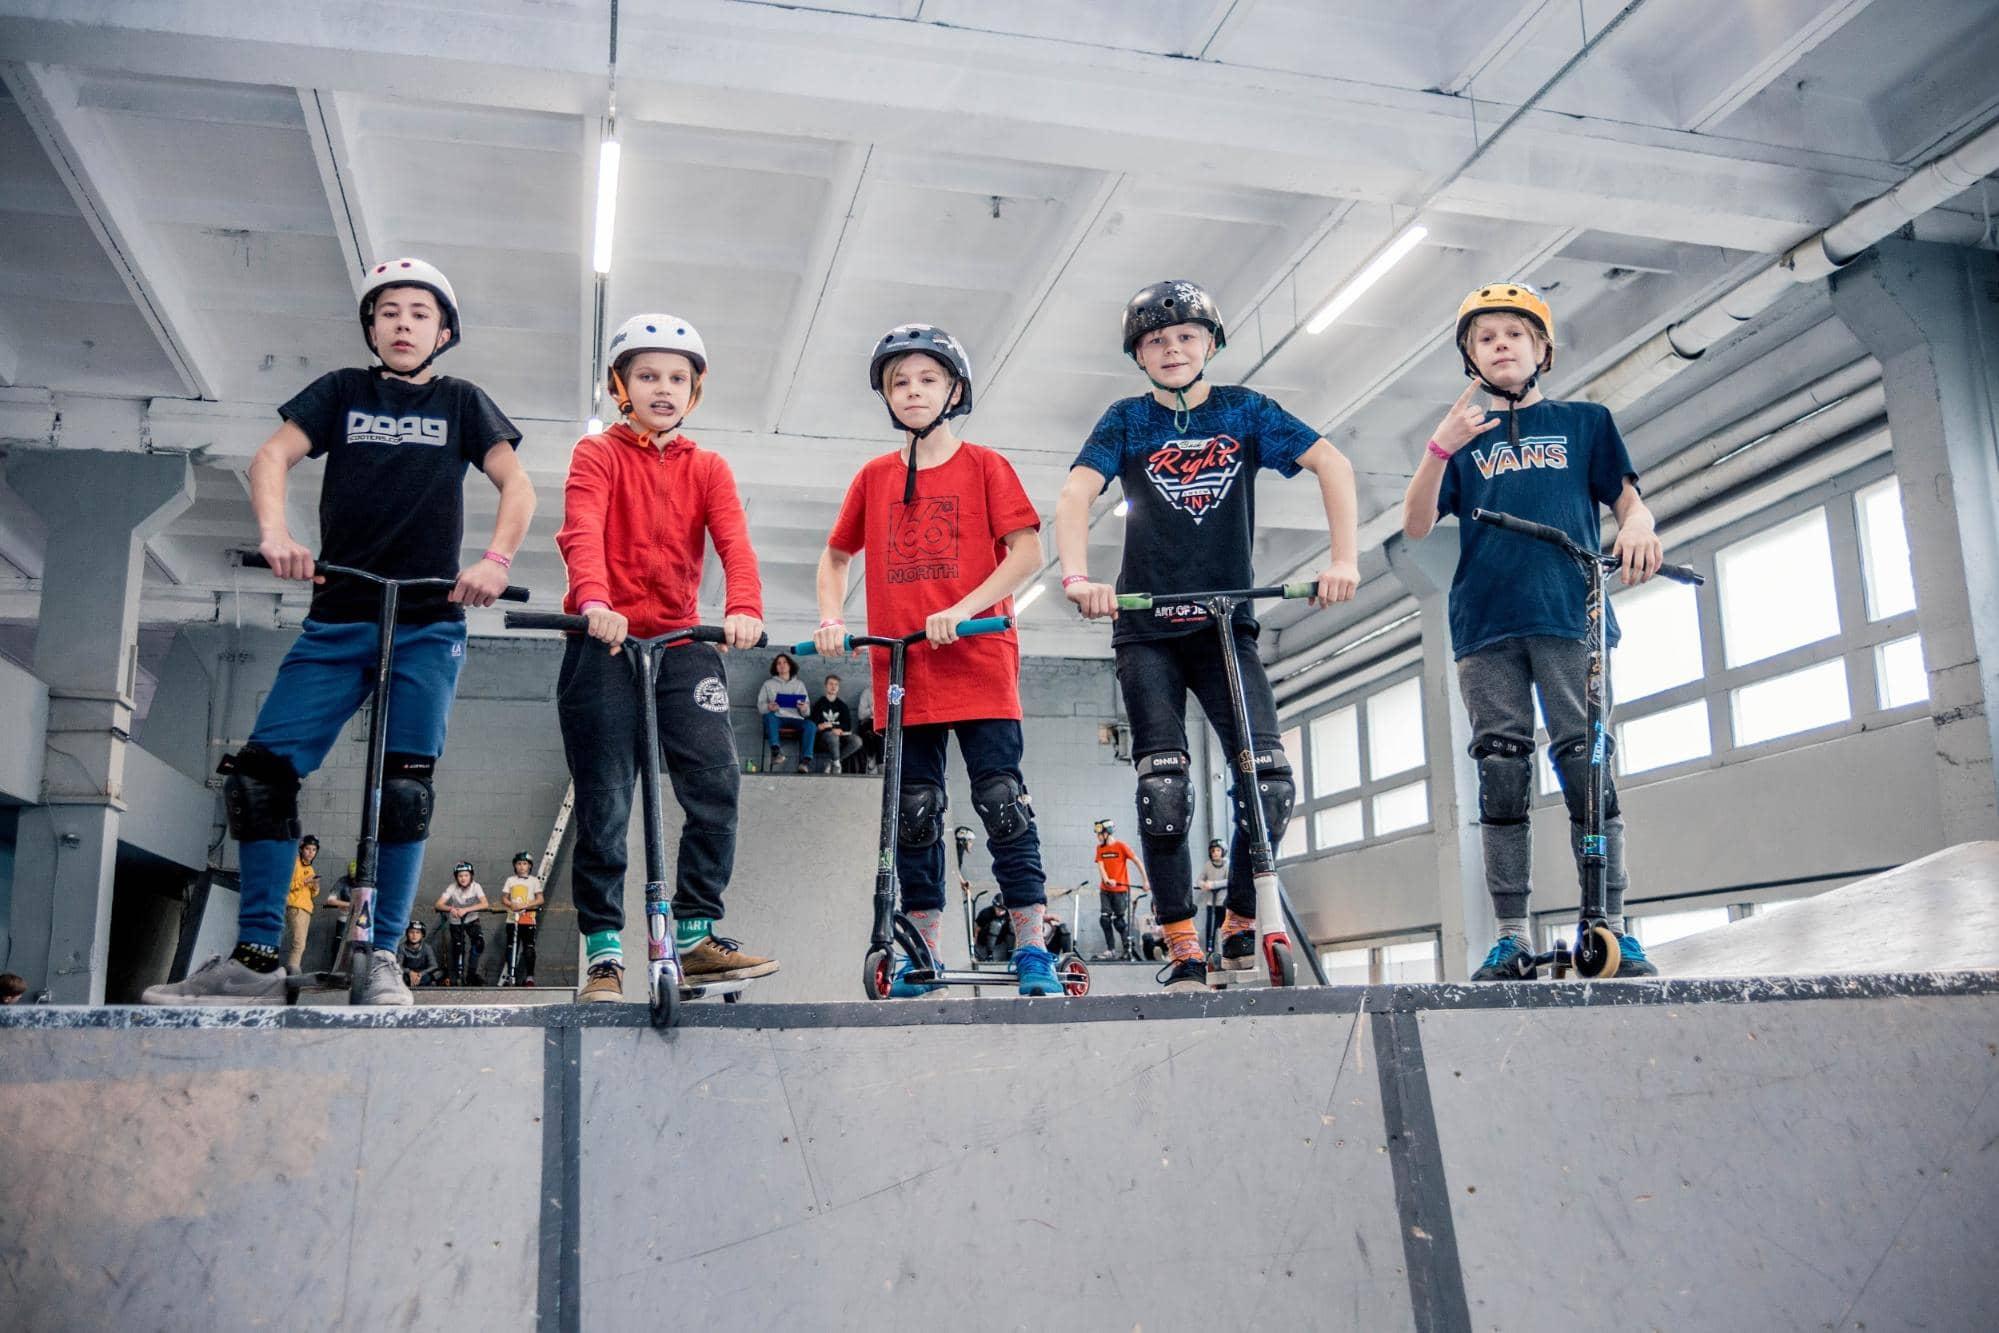 Коллективное фото детей с трюковыми самокатами в скейтпарке